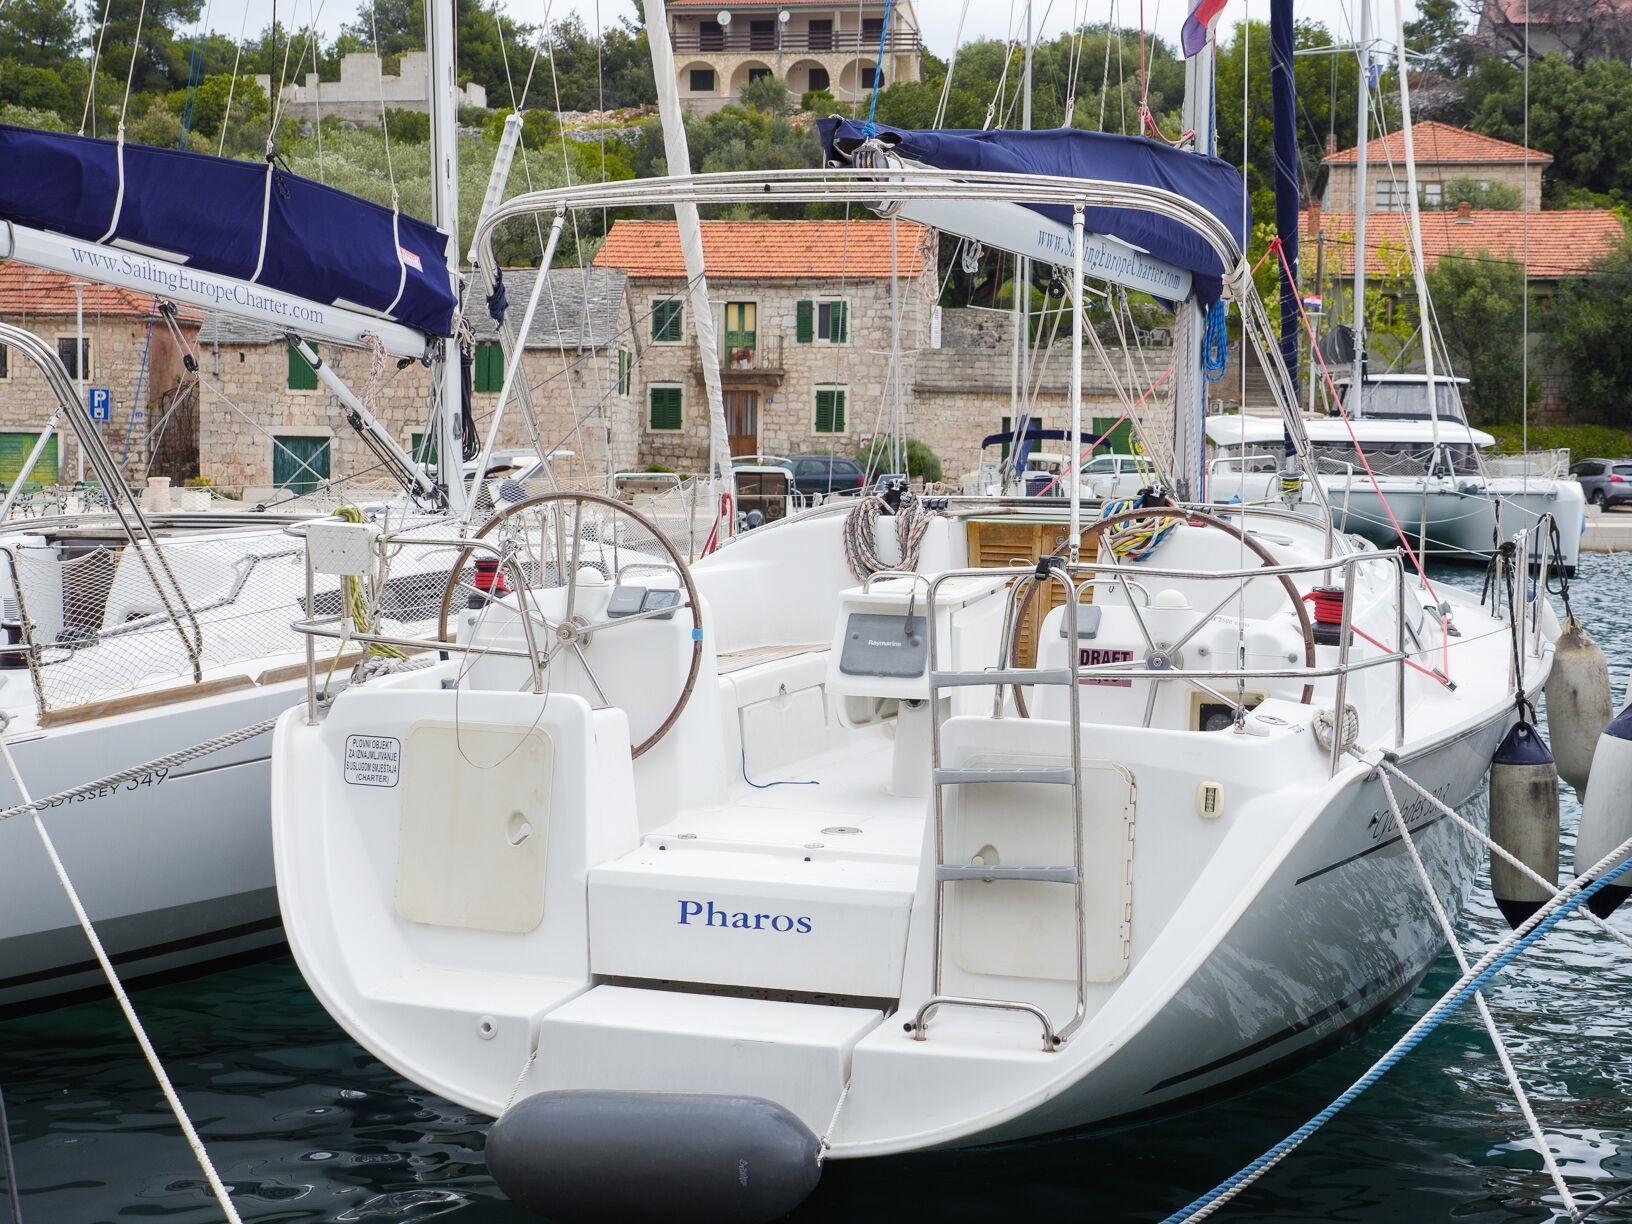 Pharos Beneteau Cyclades 39.3